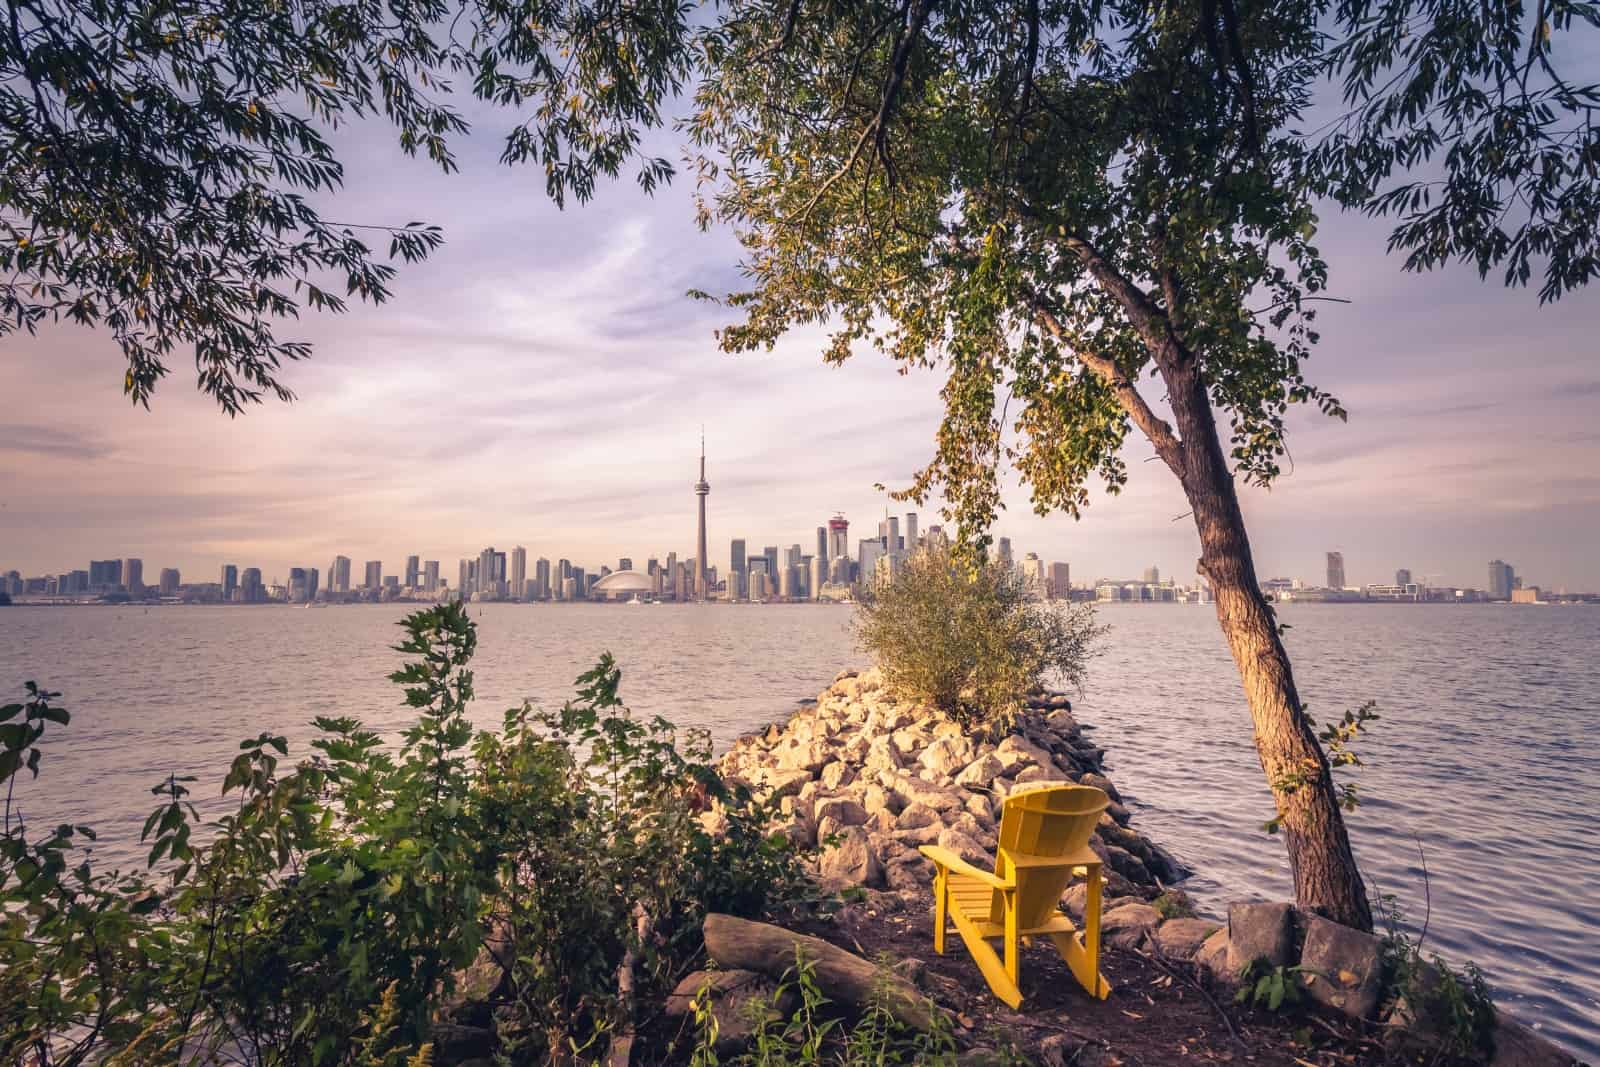 Ein wunderbarer Blick von Toronto Islands auf Downtown Toronto mit dem CN Tower und dem Rogers Centre. Foto ibonk